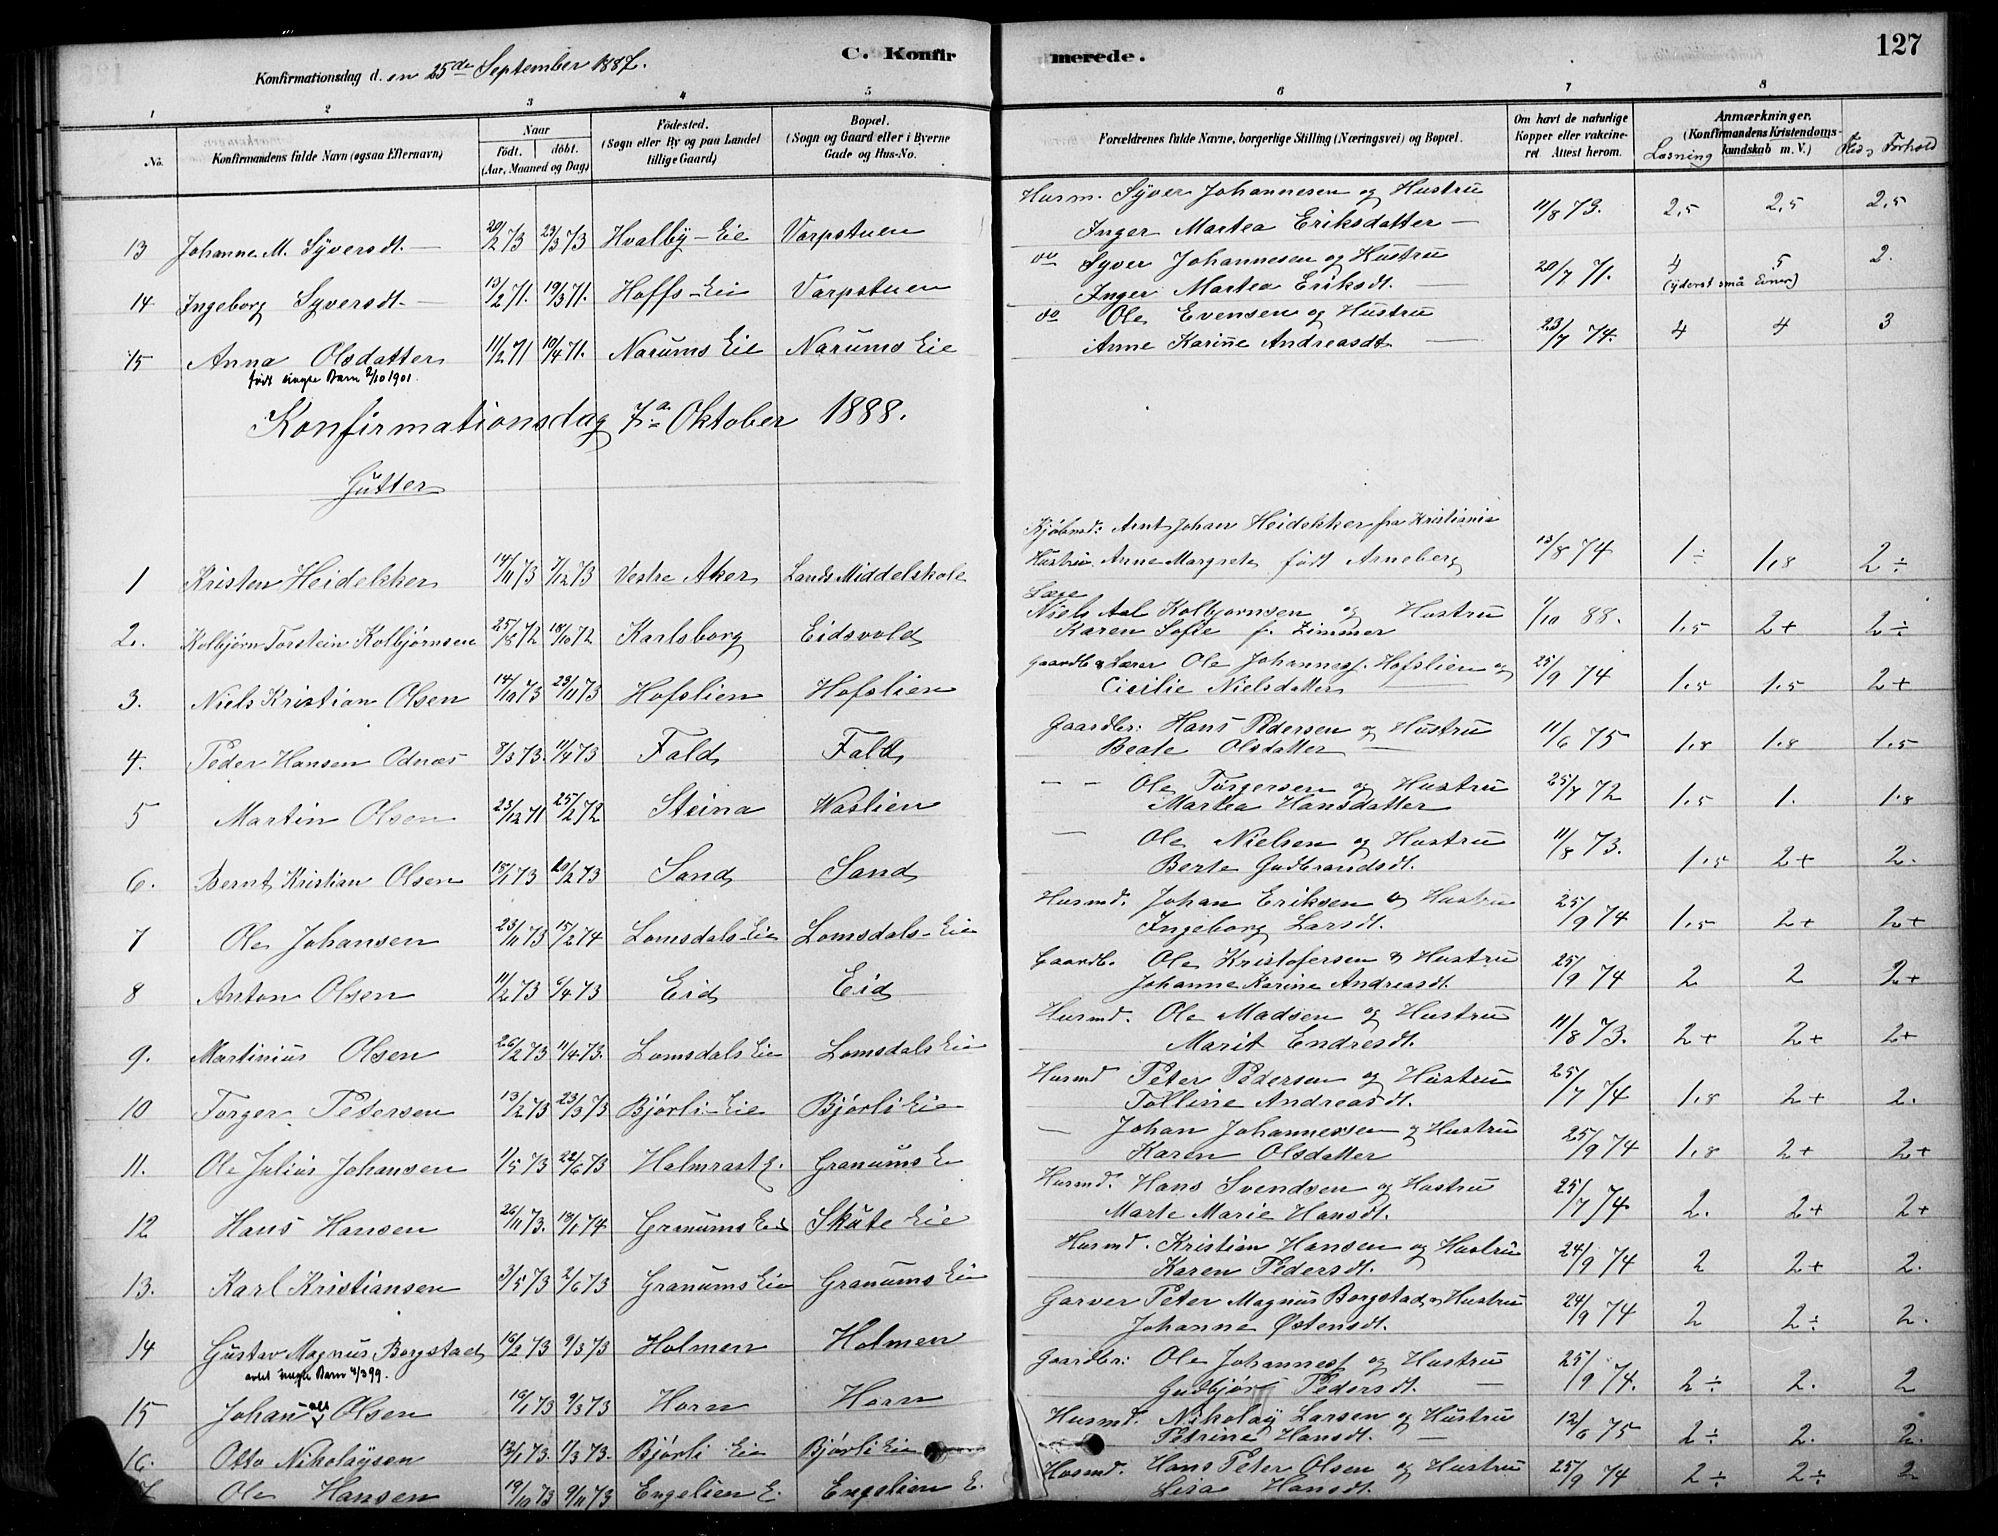 SAH, Søndre Land prestekontor, K/L0003: Ministerialbok nr. 3, 1878-1894, s. 127